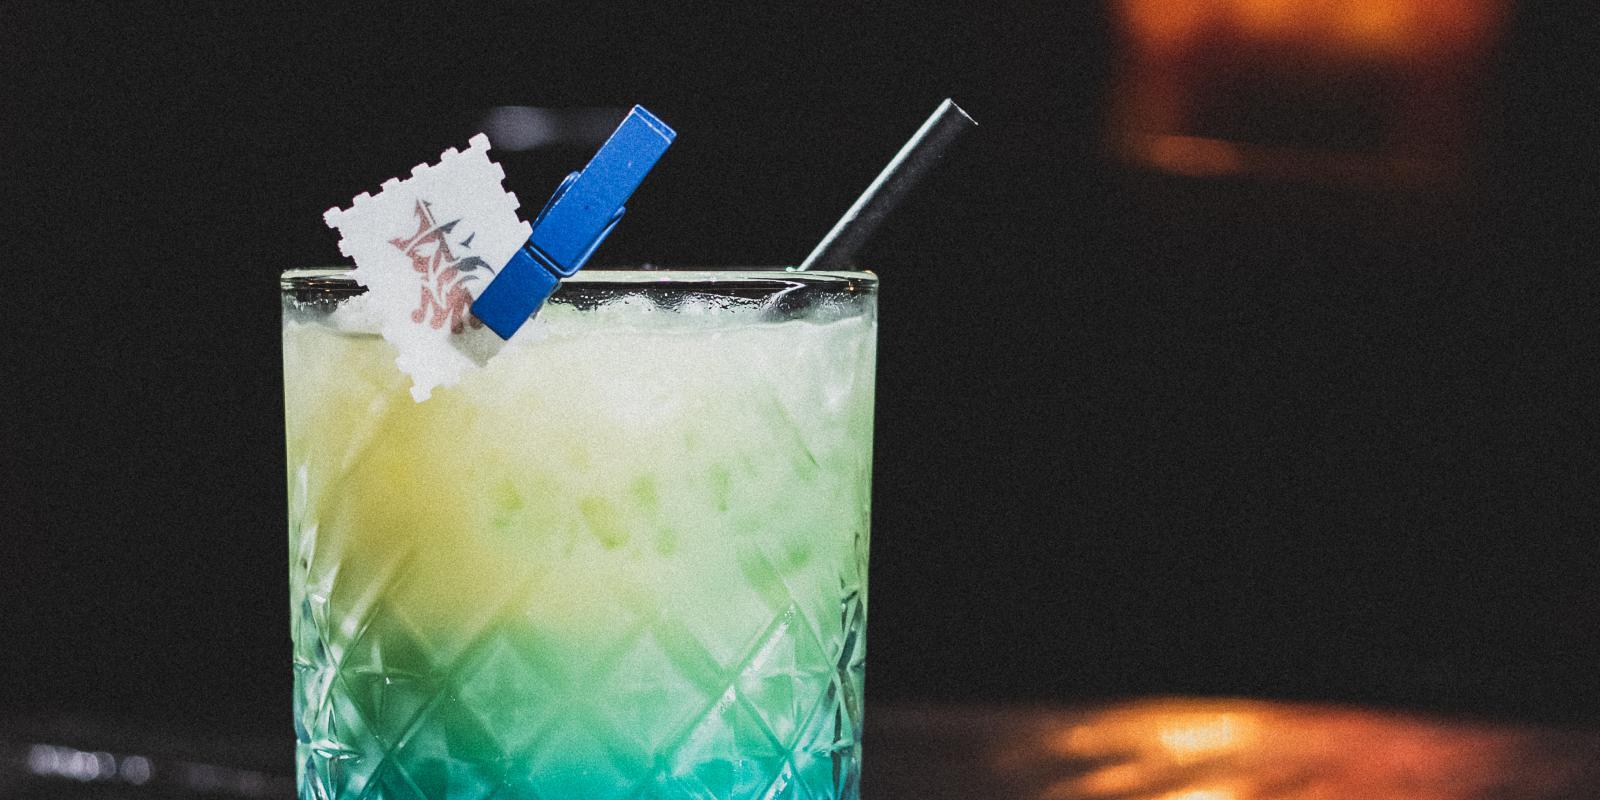 Image représentant le produit Blue Hawaiian en grand format, pour mieux voir le produit.